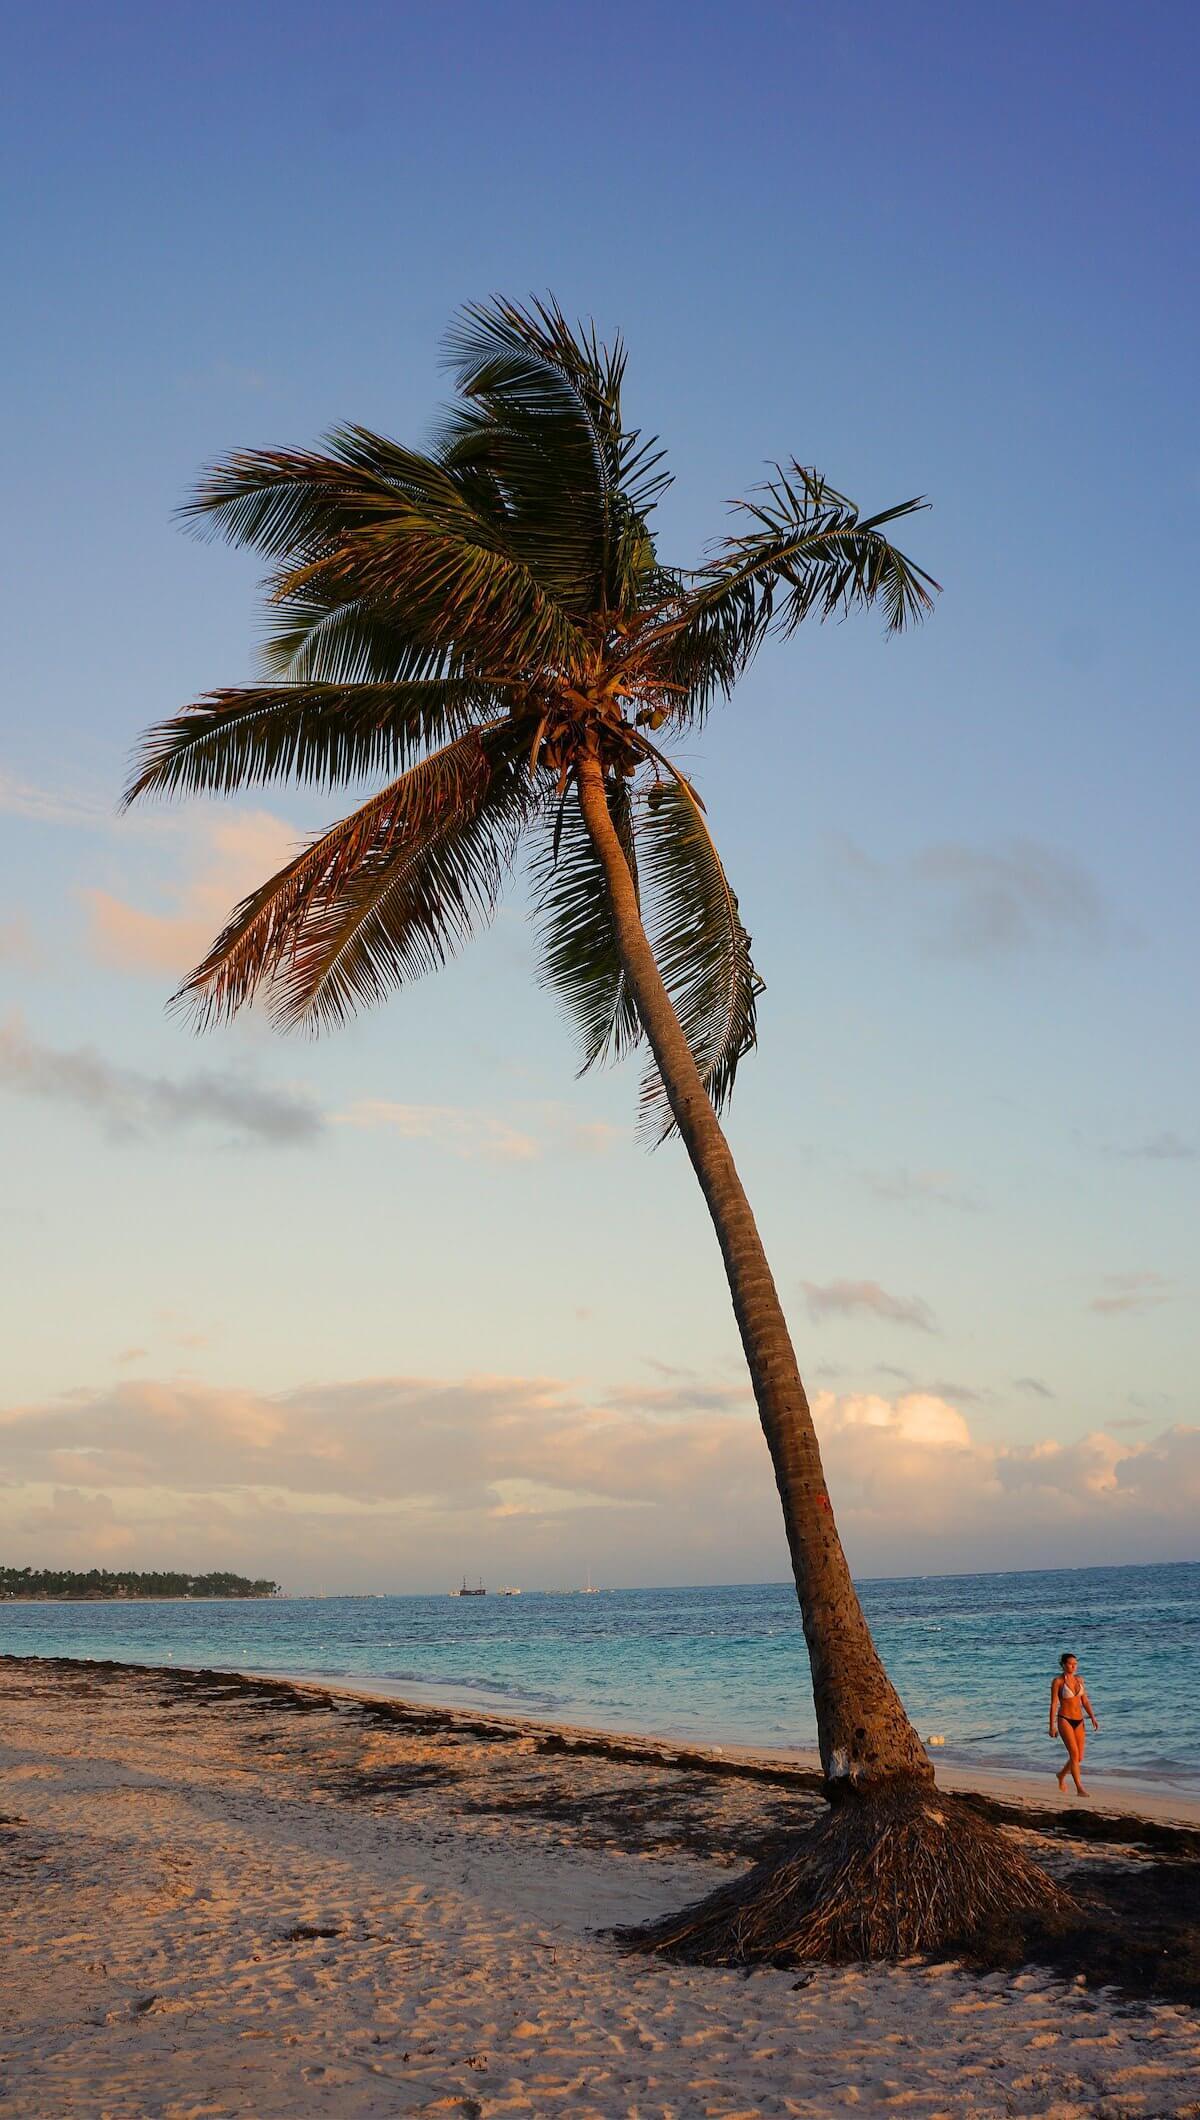 To zdjęcie dobitnie pokazuje, jak wysokie są tutaj palmy.